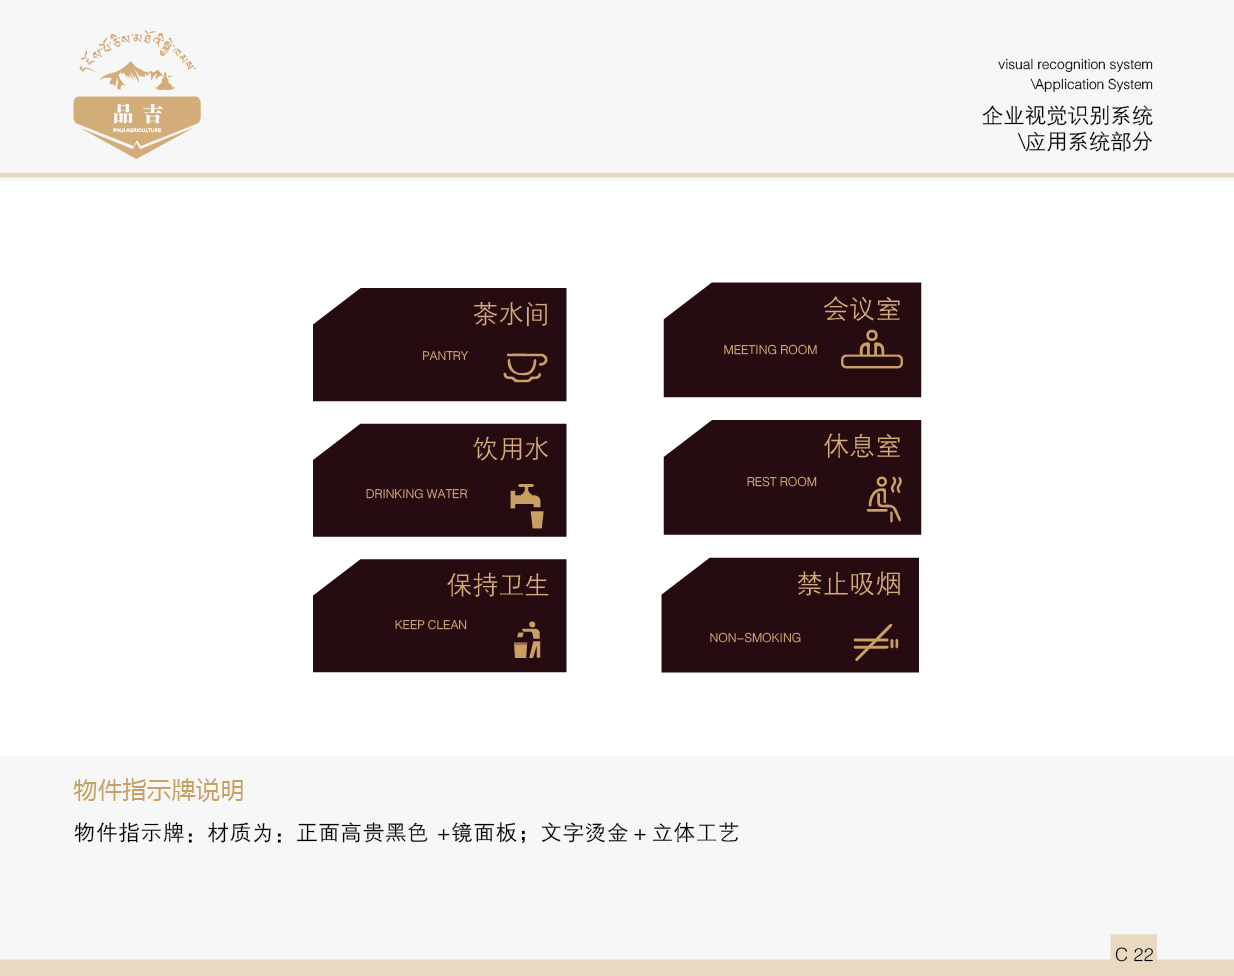 品吉农业VI 应用系统部分  客户资料  第23张